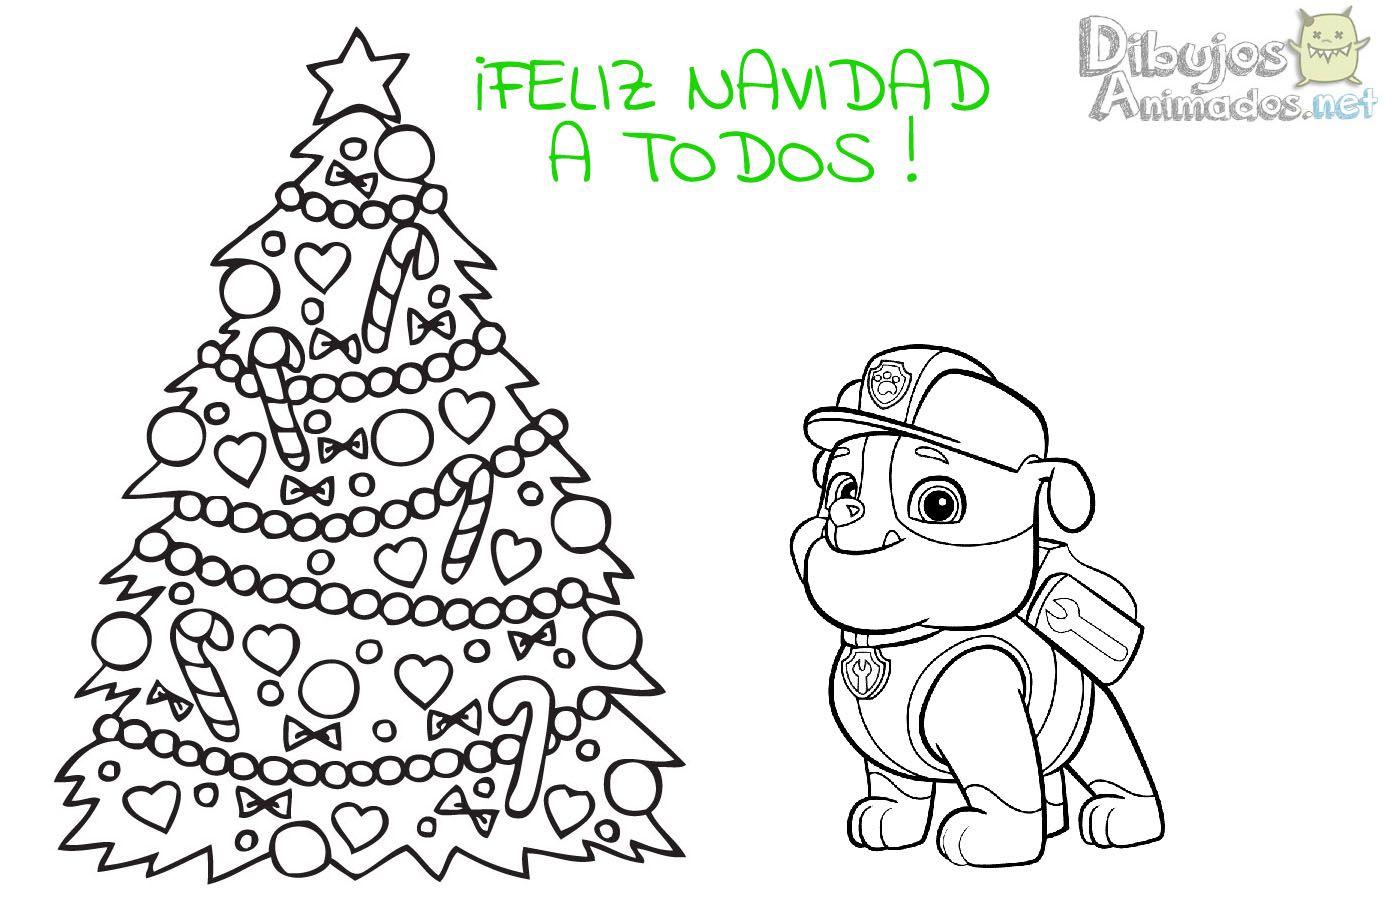 Plantillas colorear Patrulla Canina Navidad - Dibujos Animados